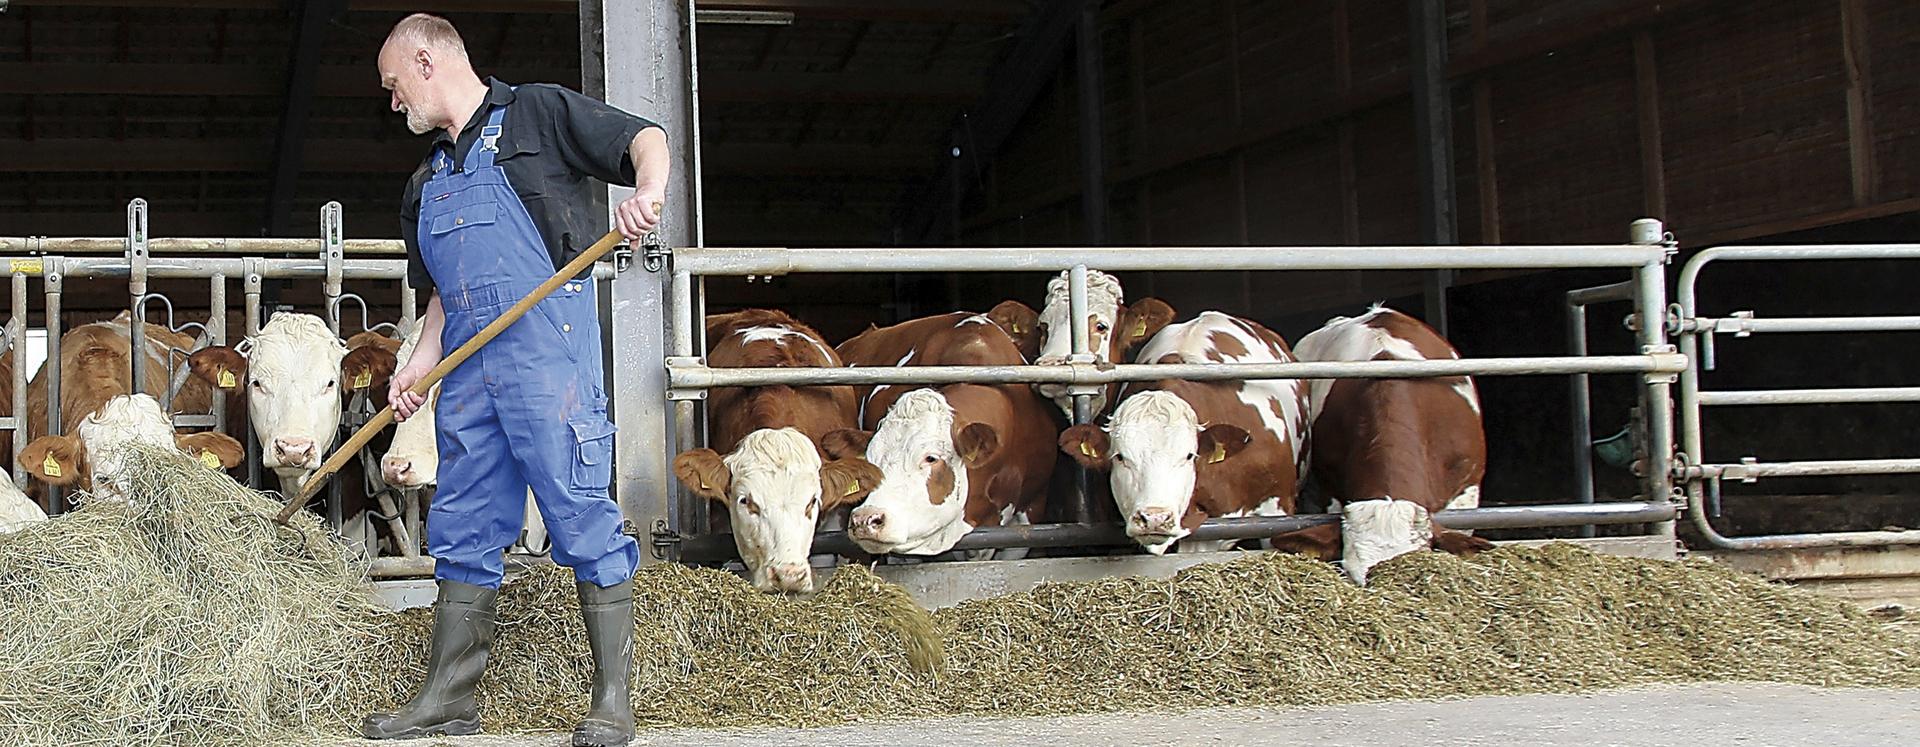 Landwirt beim Füttern der Kühe